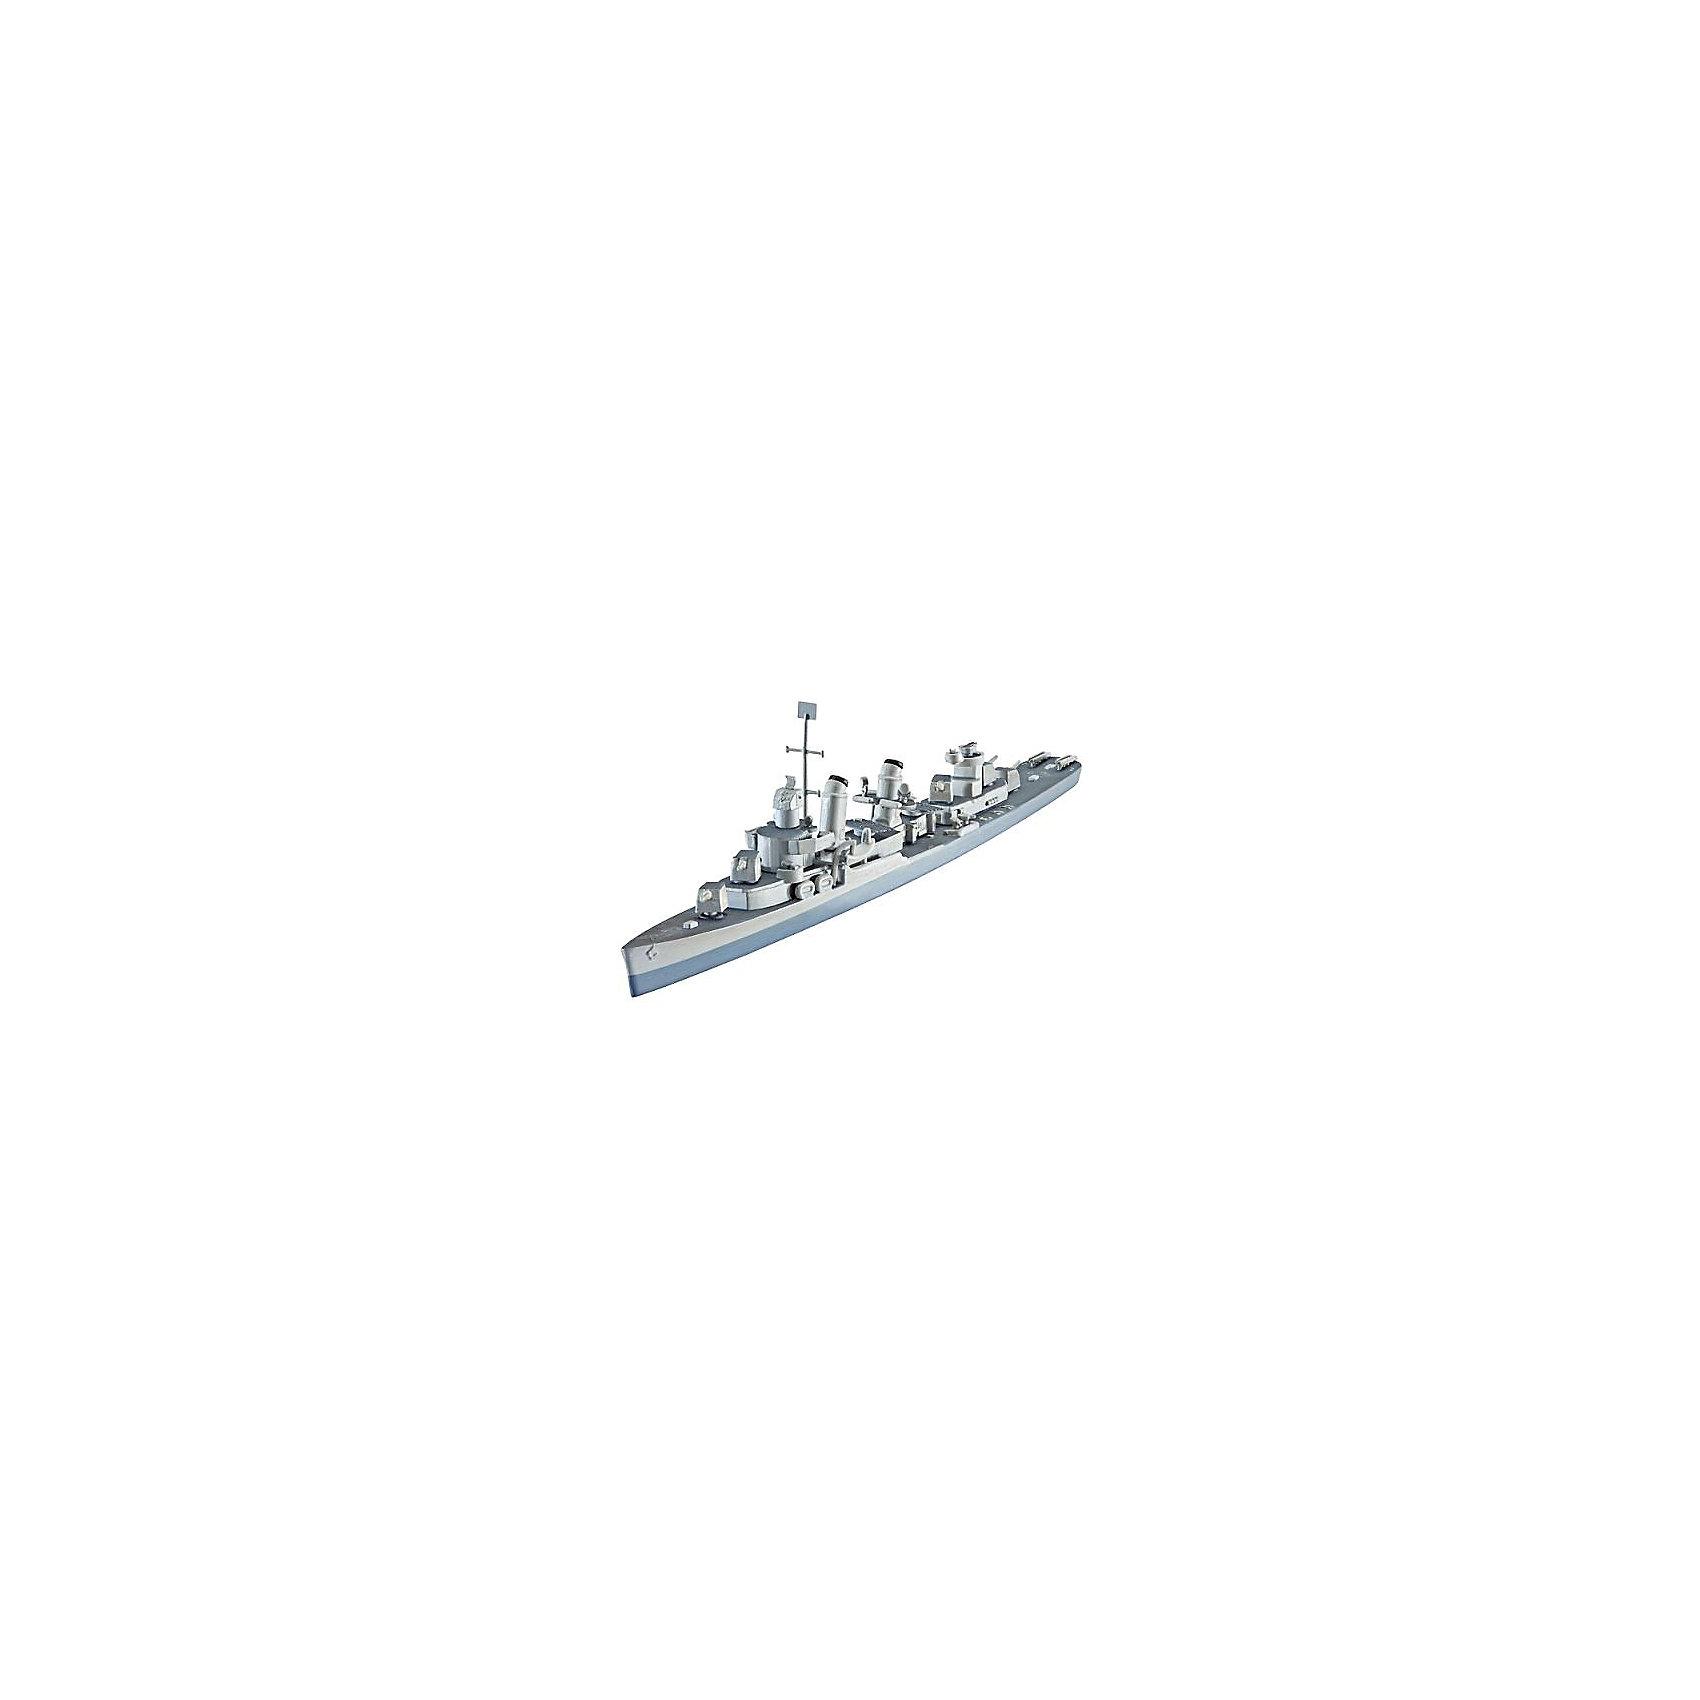 Корабль Эсминец U.S.S. Fletcher (DD-445)Модели для склеивания<br>При строительстве новых линкоров и авианосцев появилась потребность и в более современных эсминцах, способных развивать скорость до 38 узлов. Строительные контракты на 100 эсминцев класса Флетчер появились в конце 1940 года. После вступления в войну в декабре 1941 ВМС США заказал еще  75 экземпляров. <br><br>Во время Второй мировой войны Флетчер оказалась наиболее успешныv эсминцем ВМС США, благодаря своим мощным двигательным установкам и современному радиолокационному оборудованию <br><br>Масштаб: 1:700 <br>Количество деталей: 70 <br>Длина модели: 164 мм <br>Уровень сложности: 3 <br>ВНИМАНИЕ: Клей и краски в комплект не входят.<br><br>Ширина мм: 207<br>Глубина мм: 132<br>Высота мм: 34<br>Вес г: 90<br>Возраст от месяцев: 120<br>Возраст до месяцев: 2147483647<br>Пол: Мужской<br>Возраст: Детский<br>SKU: 7122336